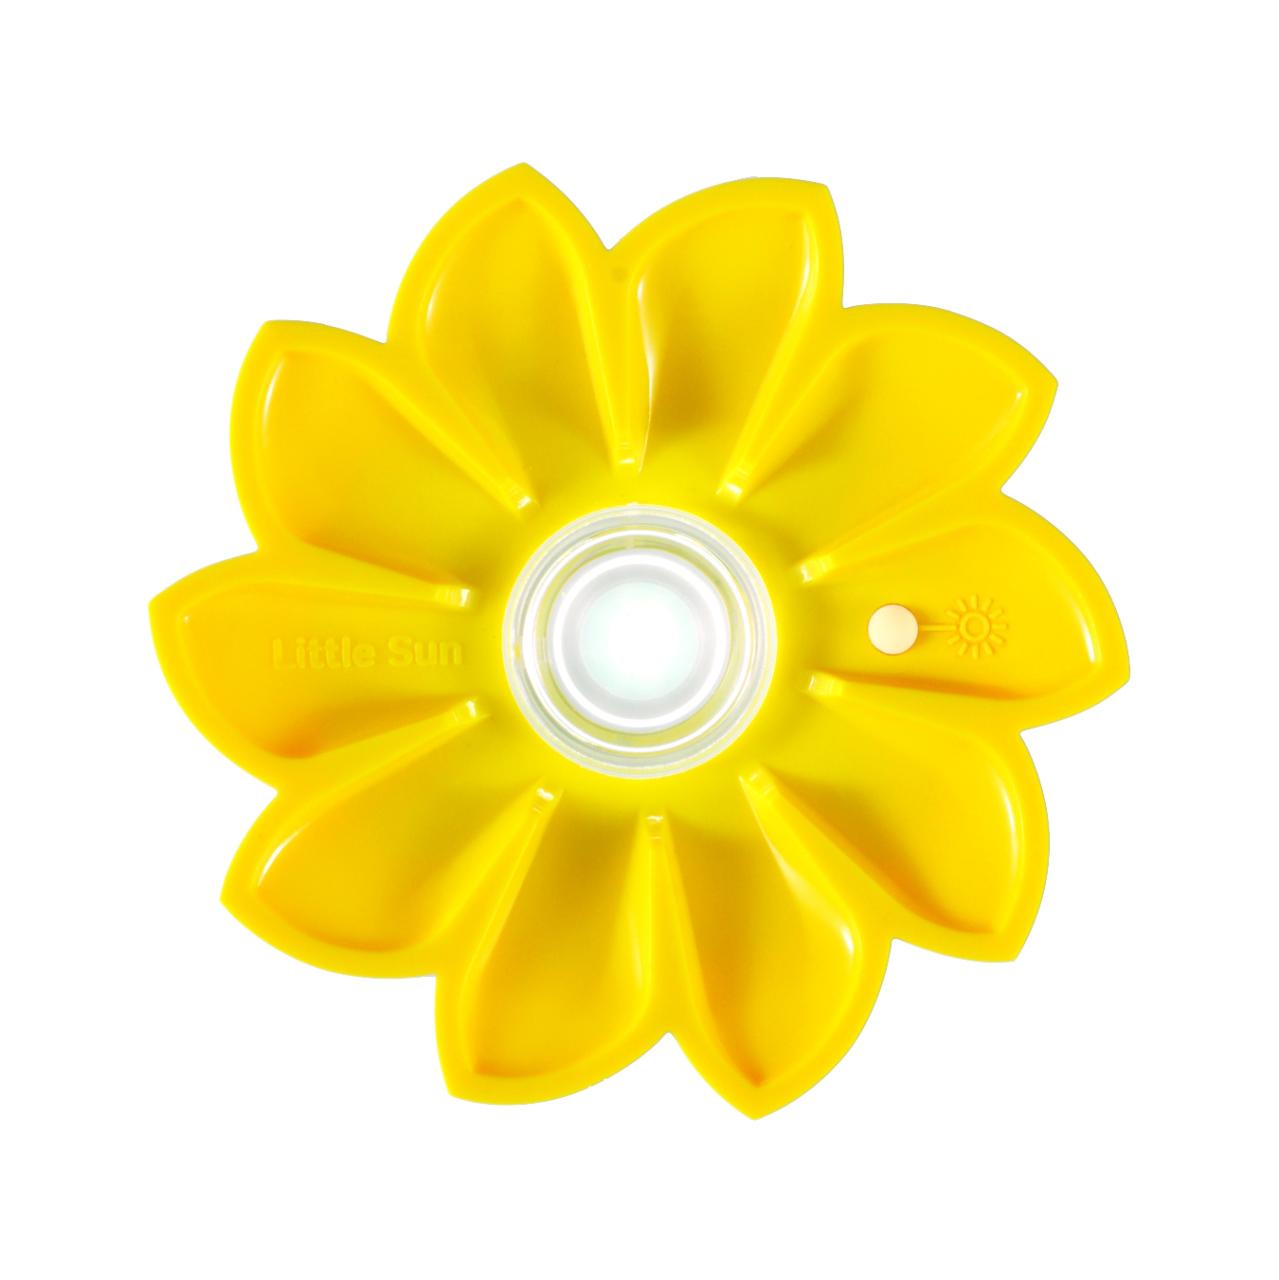 Das Foto zeigt eine Lampe in Form eine Sonne.